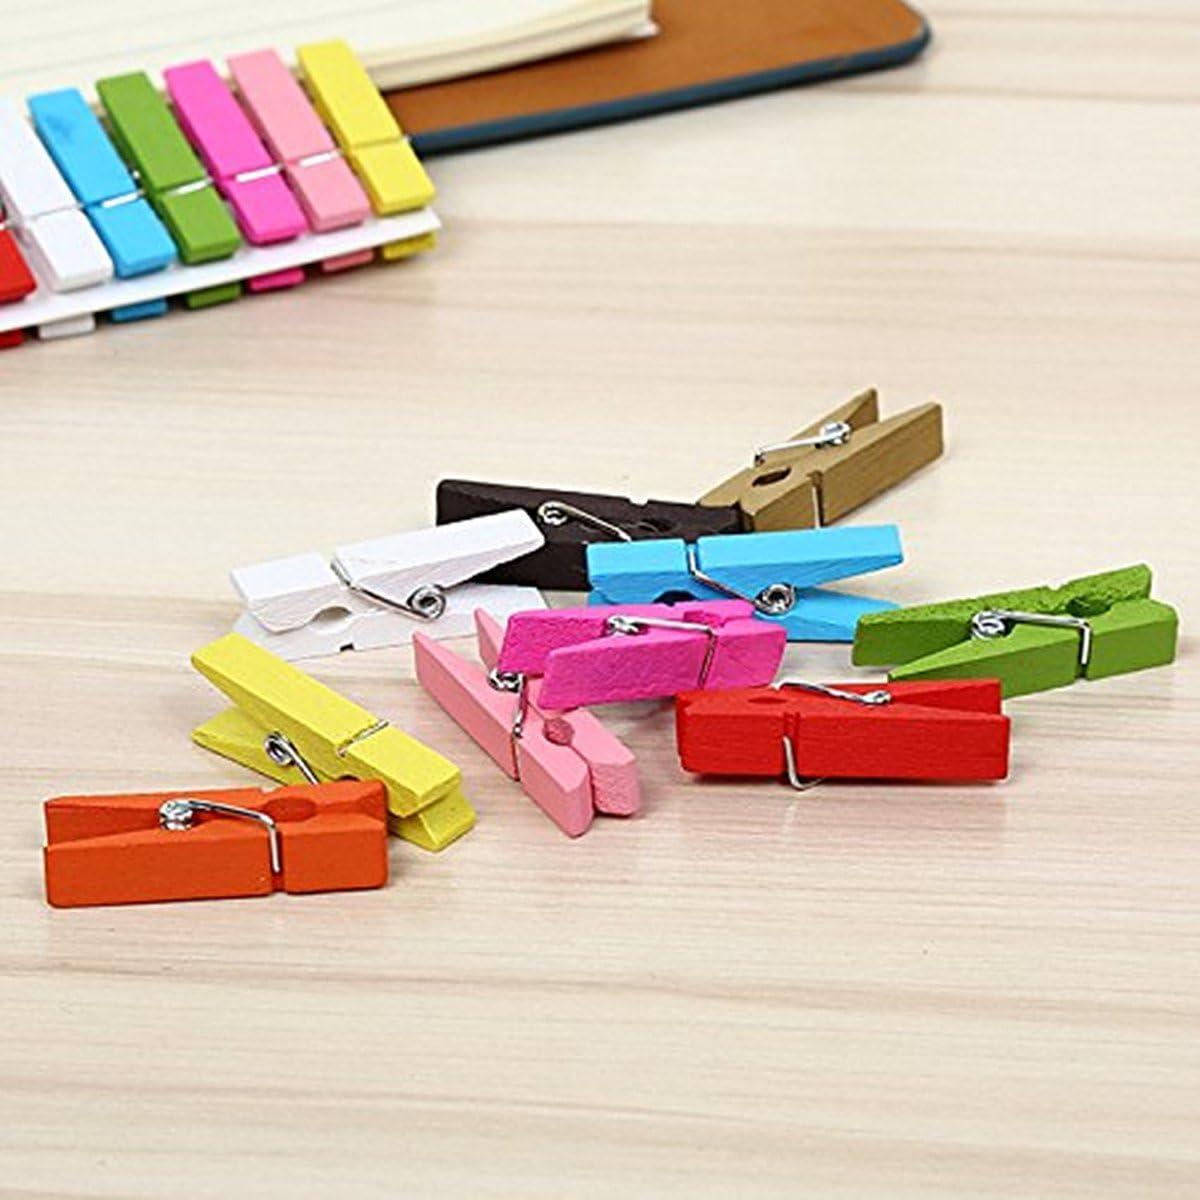 madera 3,5cm x 0,7cm Aleatorio Laat Mini pinzas colores madera natural para DIY decoraci/ón pared papel Photo y proyecto de artesan/ía 50pcs